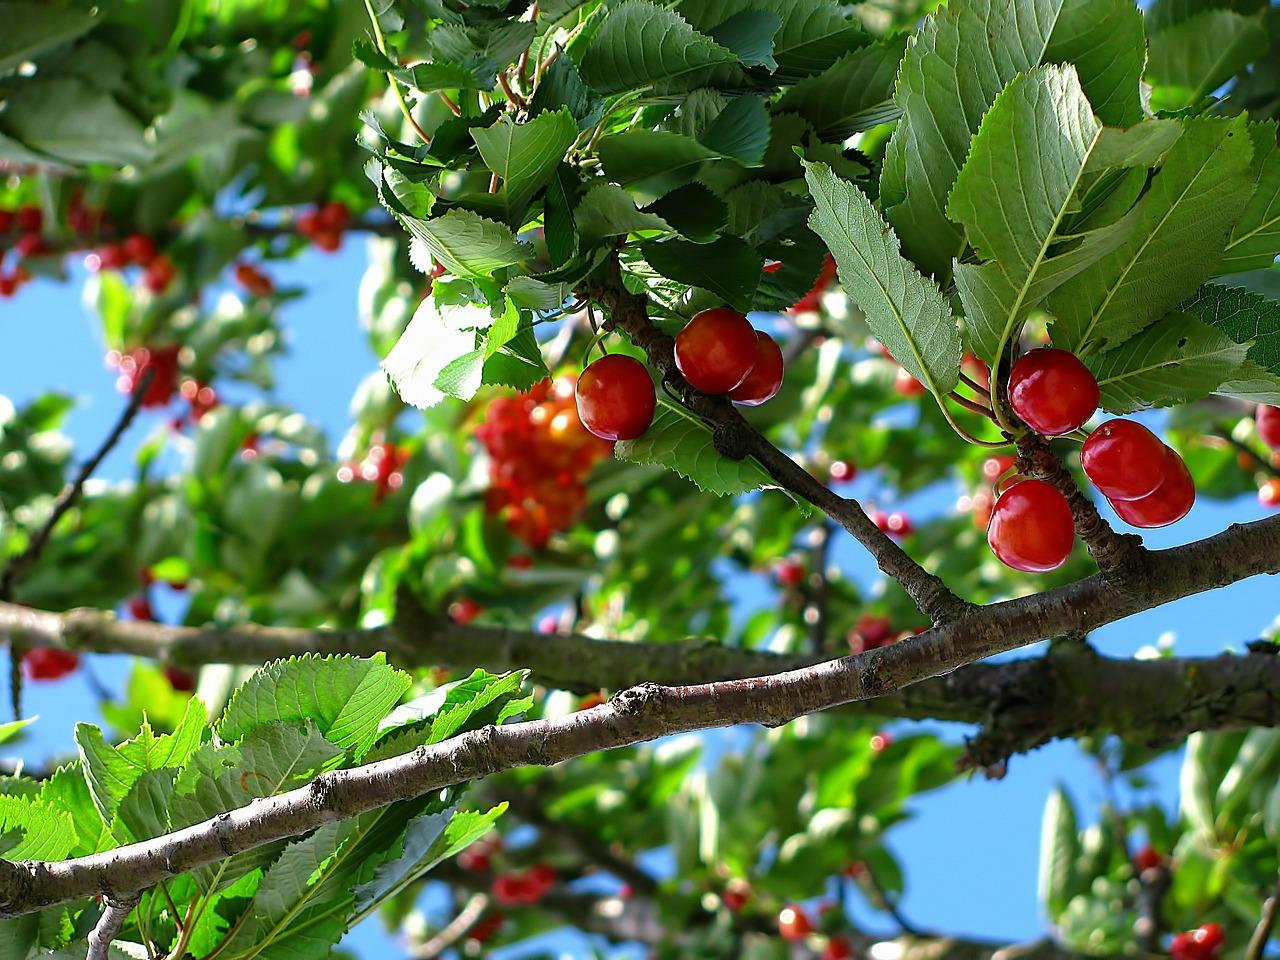 Η Κερασιά ανήκει στην οικογένεια Rosaceae, στο γένος Prunus avium L. Η κερασιά είναι δένδρο φυλλοβόλο, μεγάλου μεγέθους, με βλάστηση συνήθως ορθόκλαδη. Τα φύλλα της είναι απλά, διπλά οδοντωτά και αδενοφόρα.